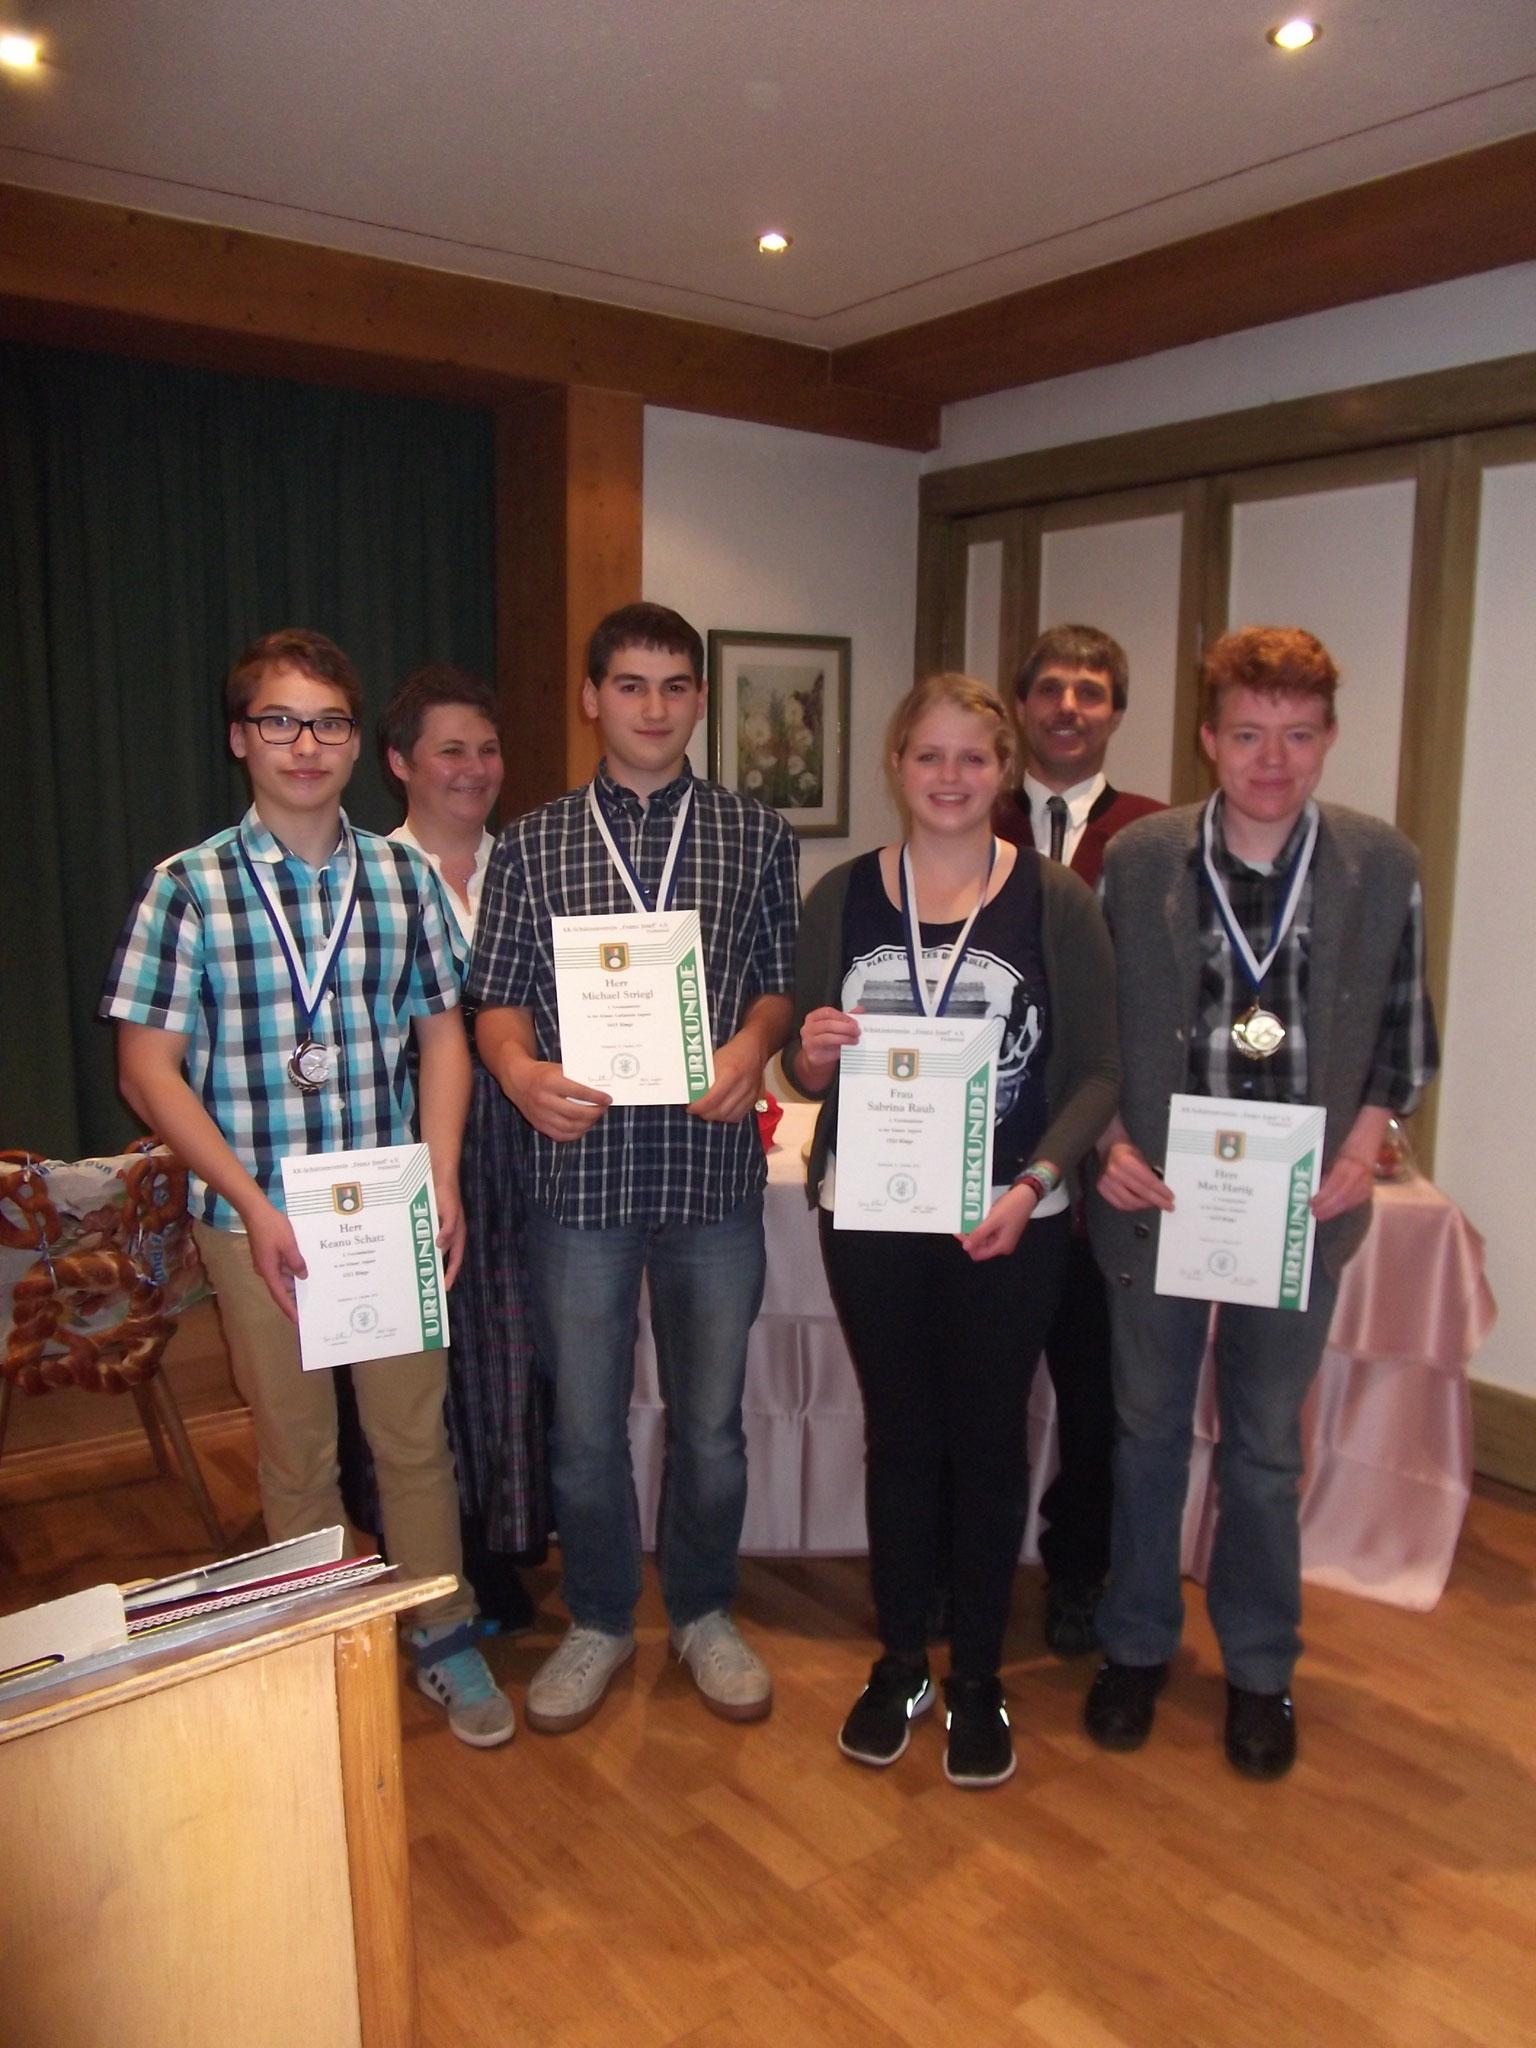 Jugendleiterin Heidi Wagner mit der Jugend bei der Preisverteilung 2014